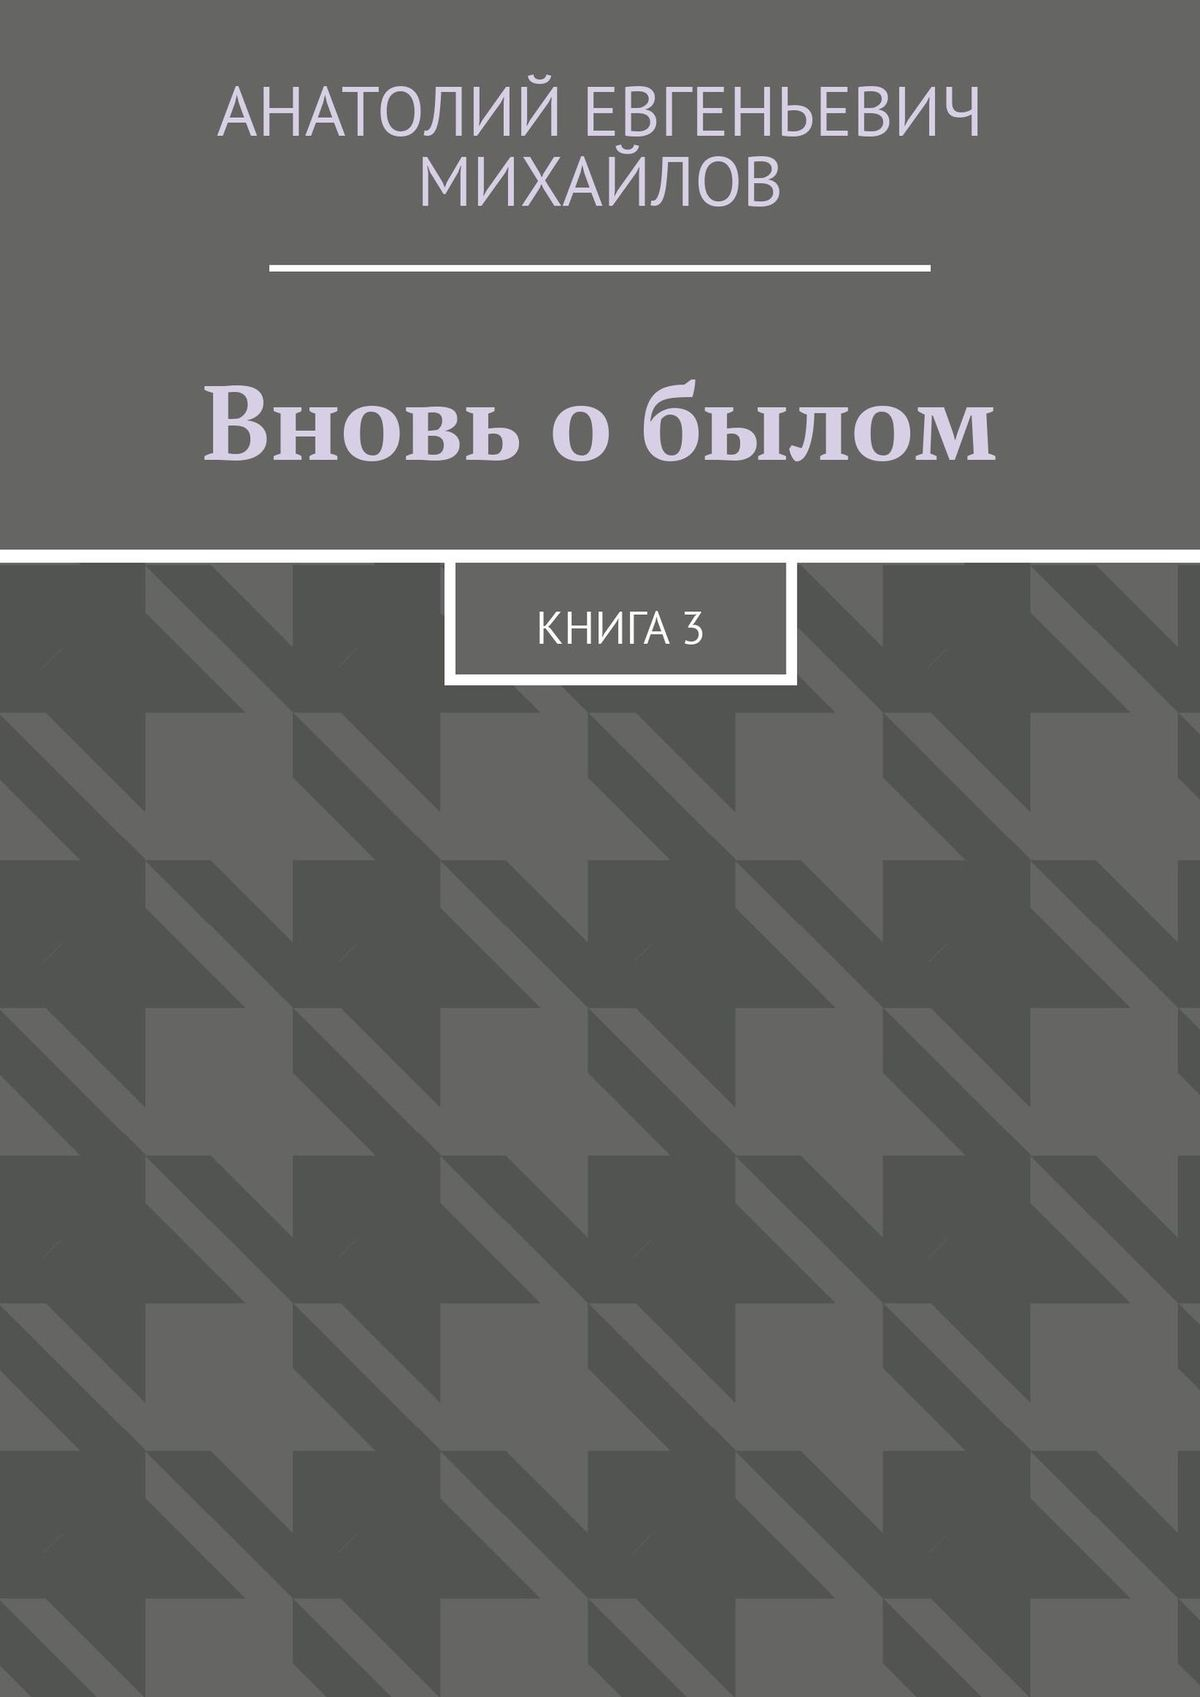 Анатолий Михайлов Вновь обылом. Книга 3 анатолий михайлов вновь о былом книга 4